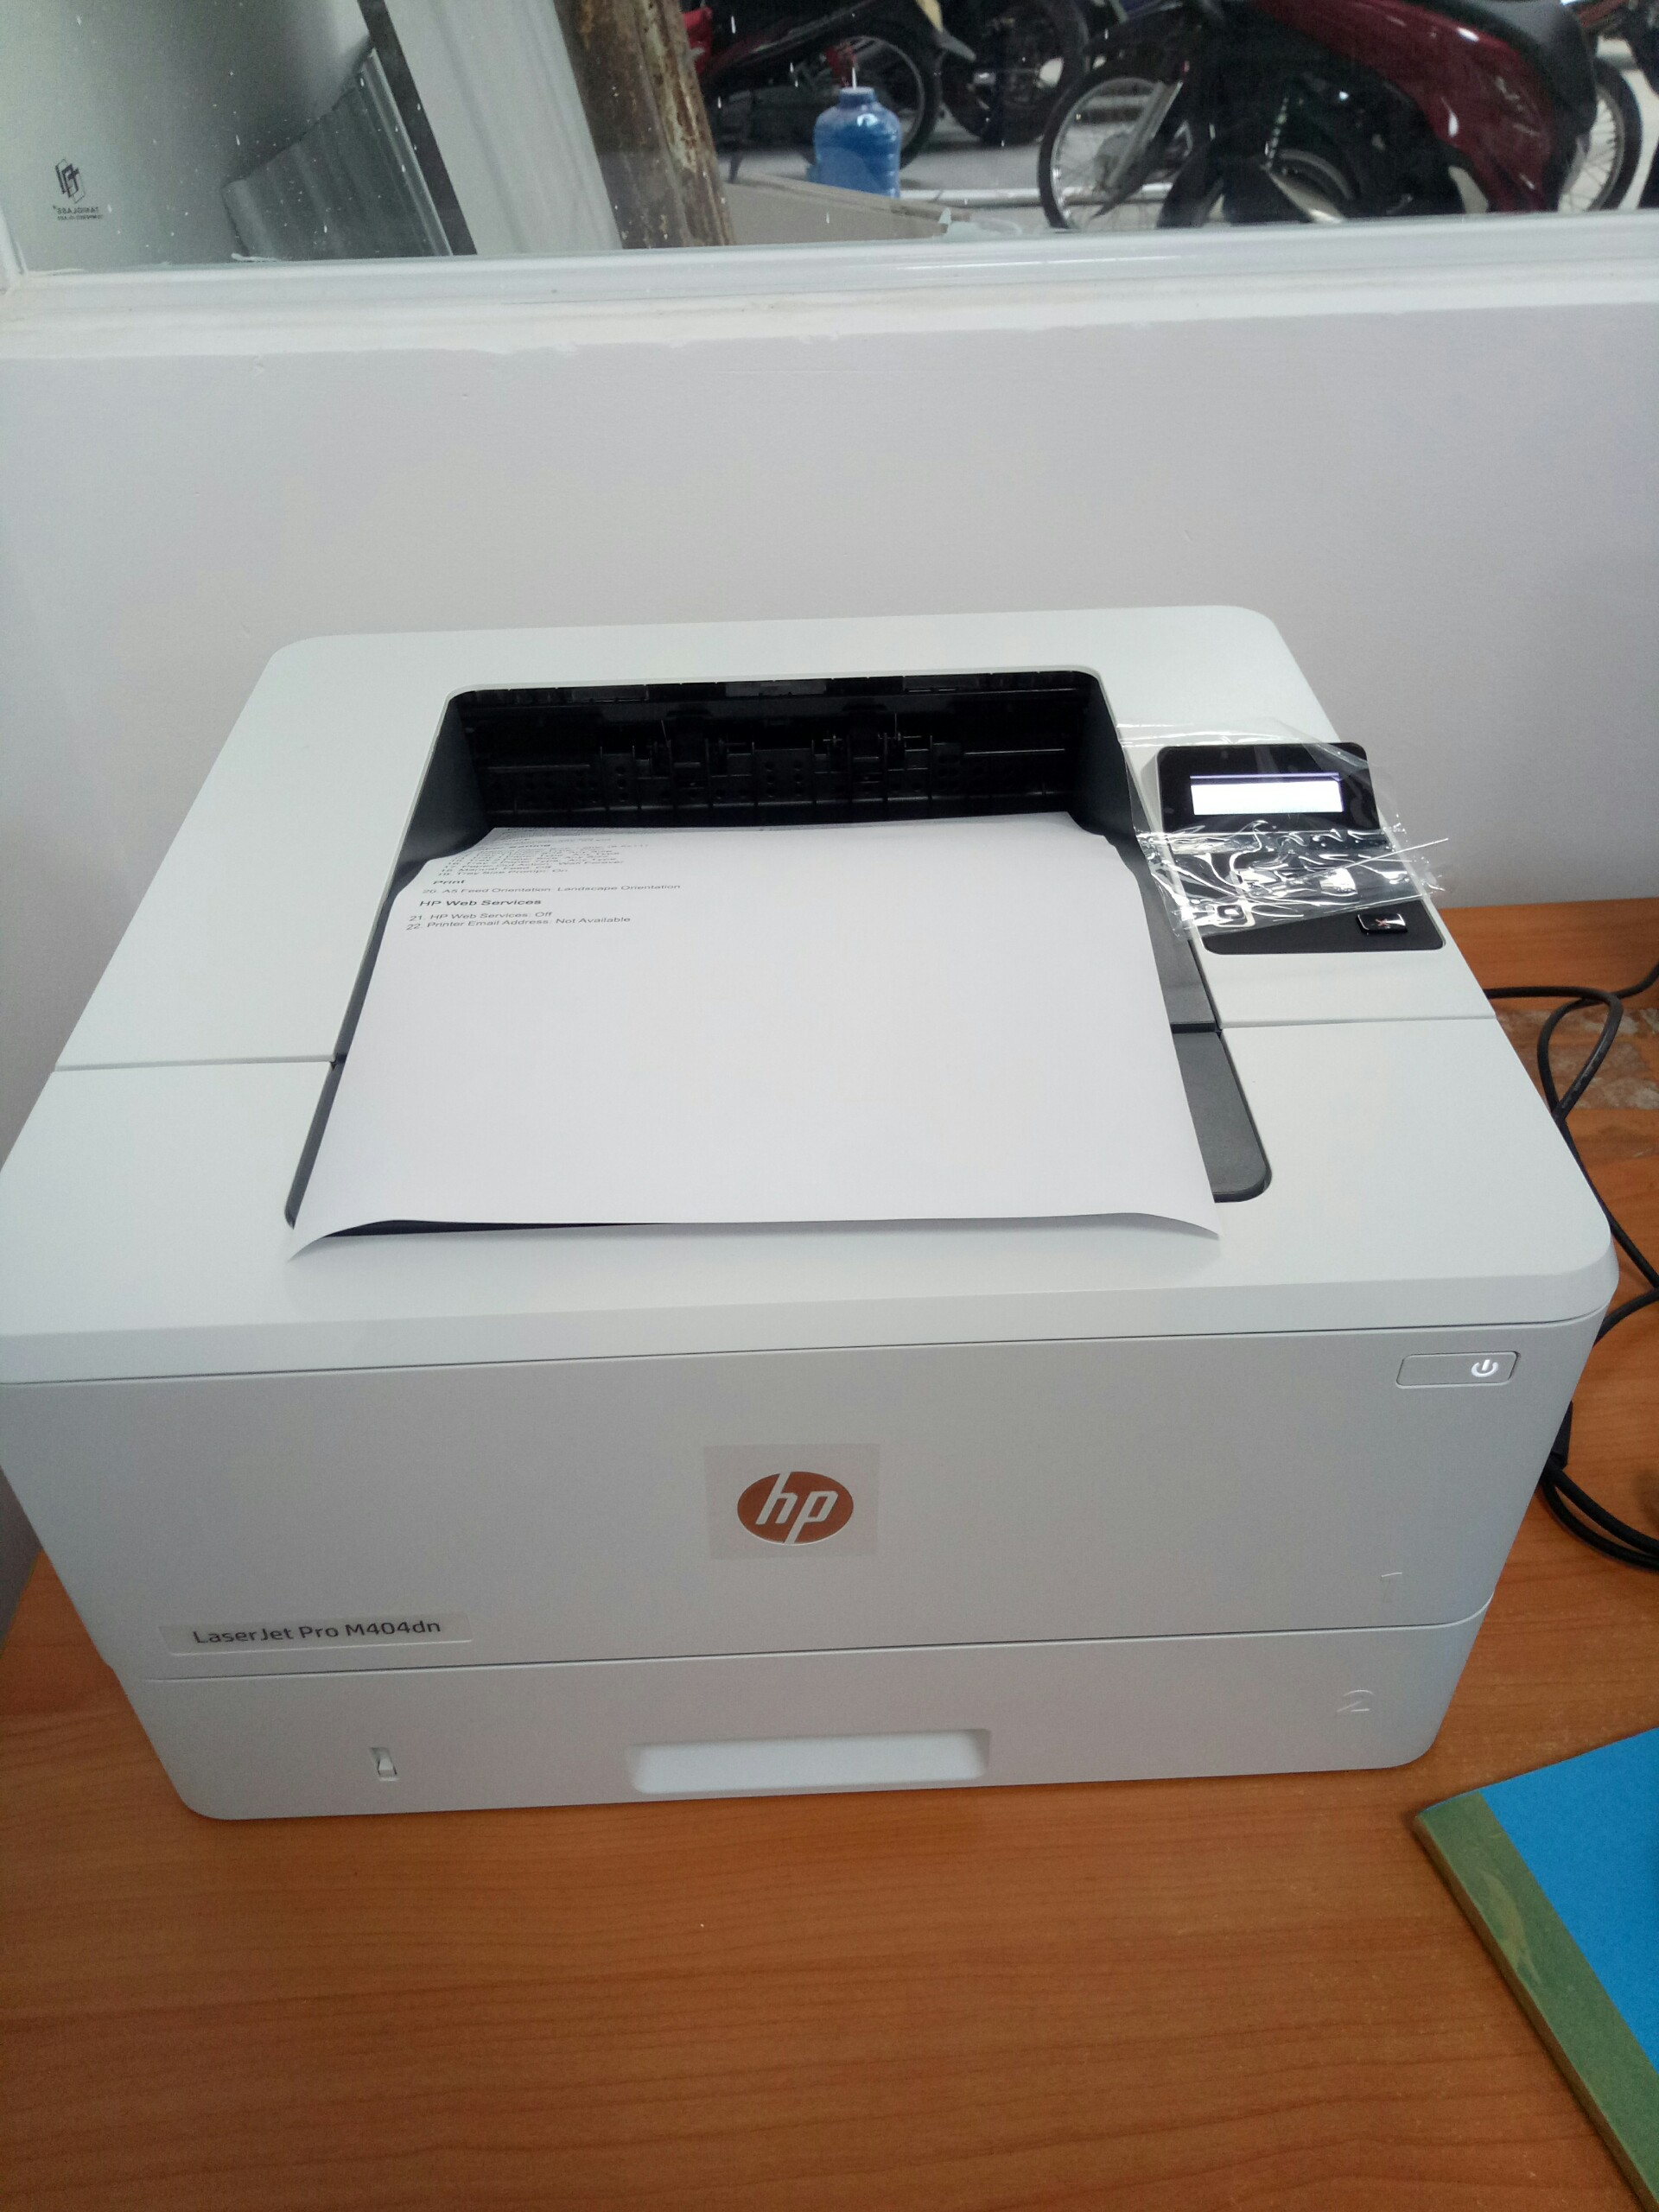 Cung cấp máy in chính hãng dùng cho văn phòng, cơ quan